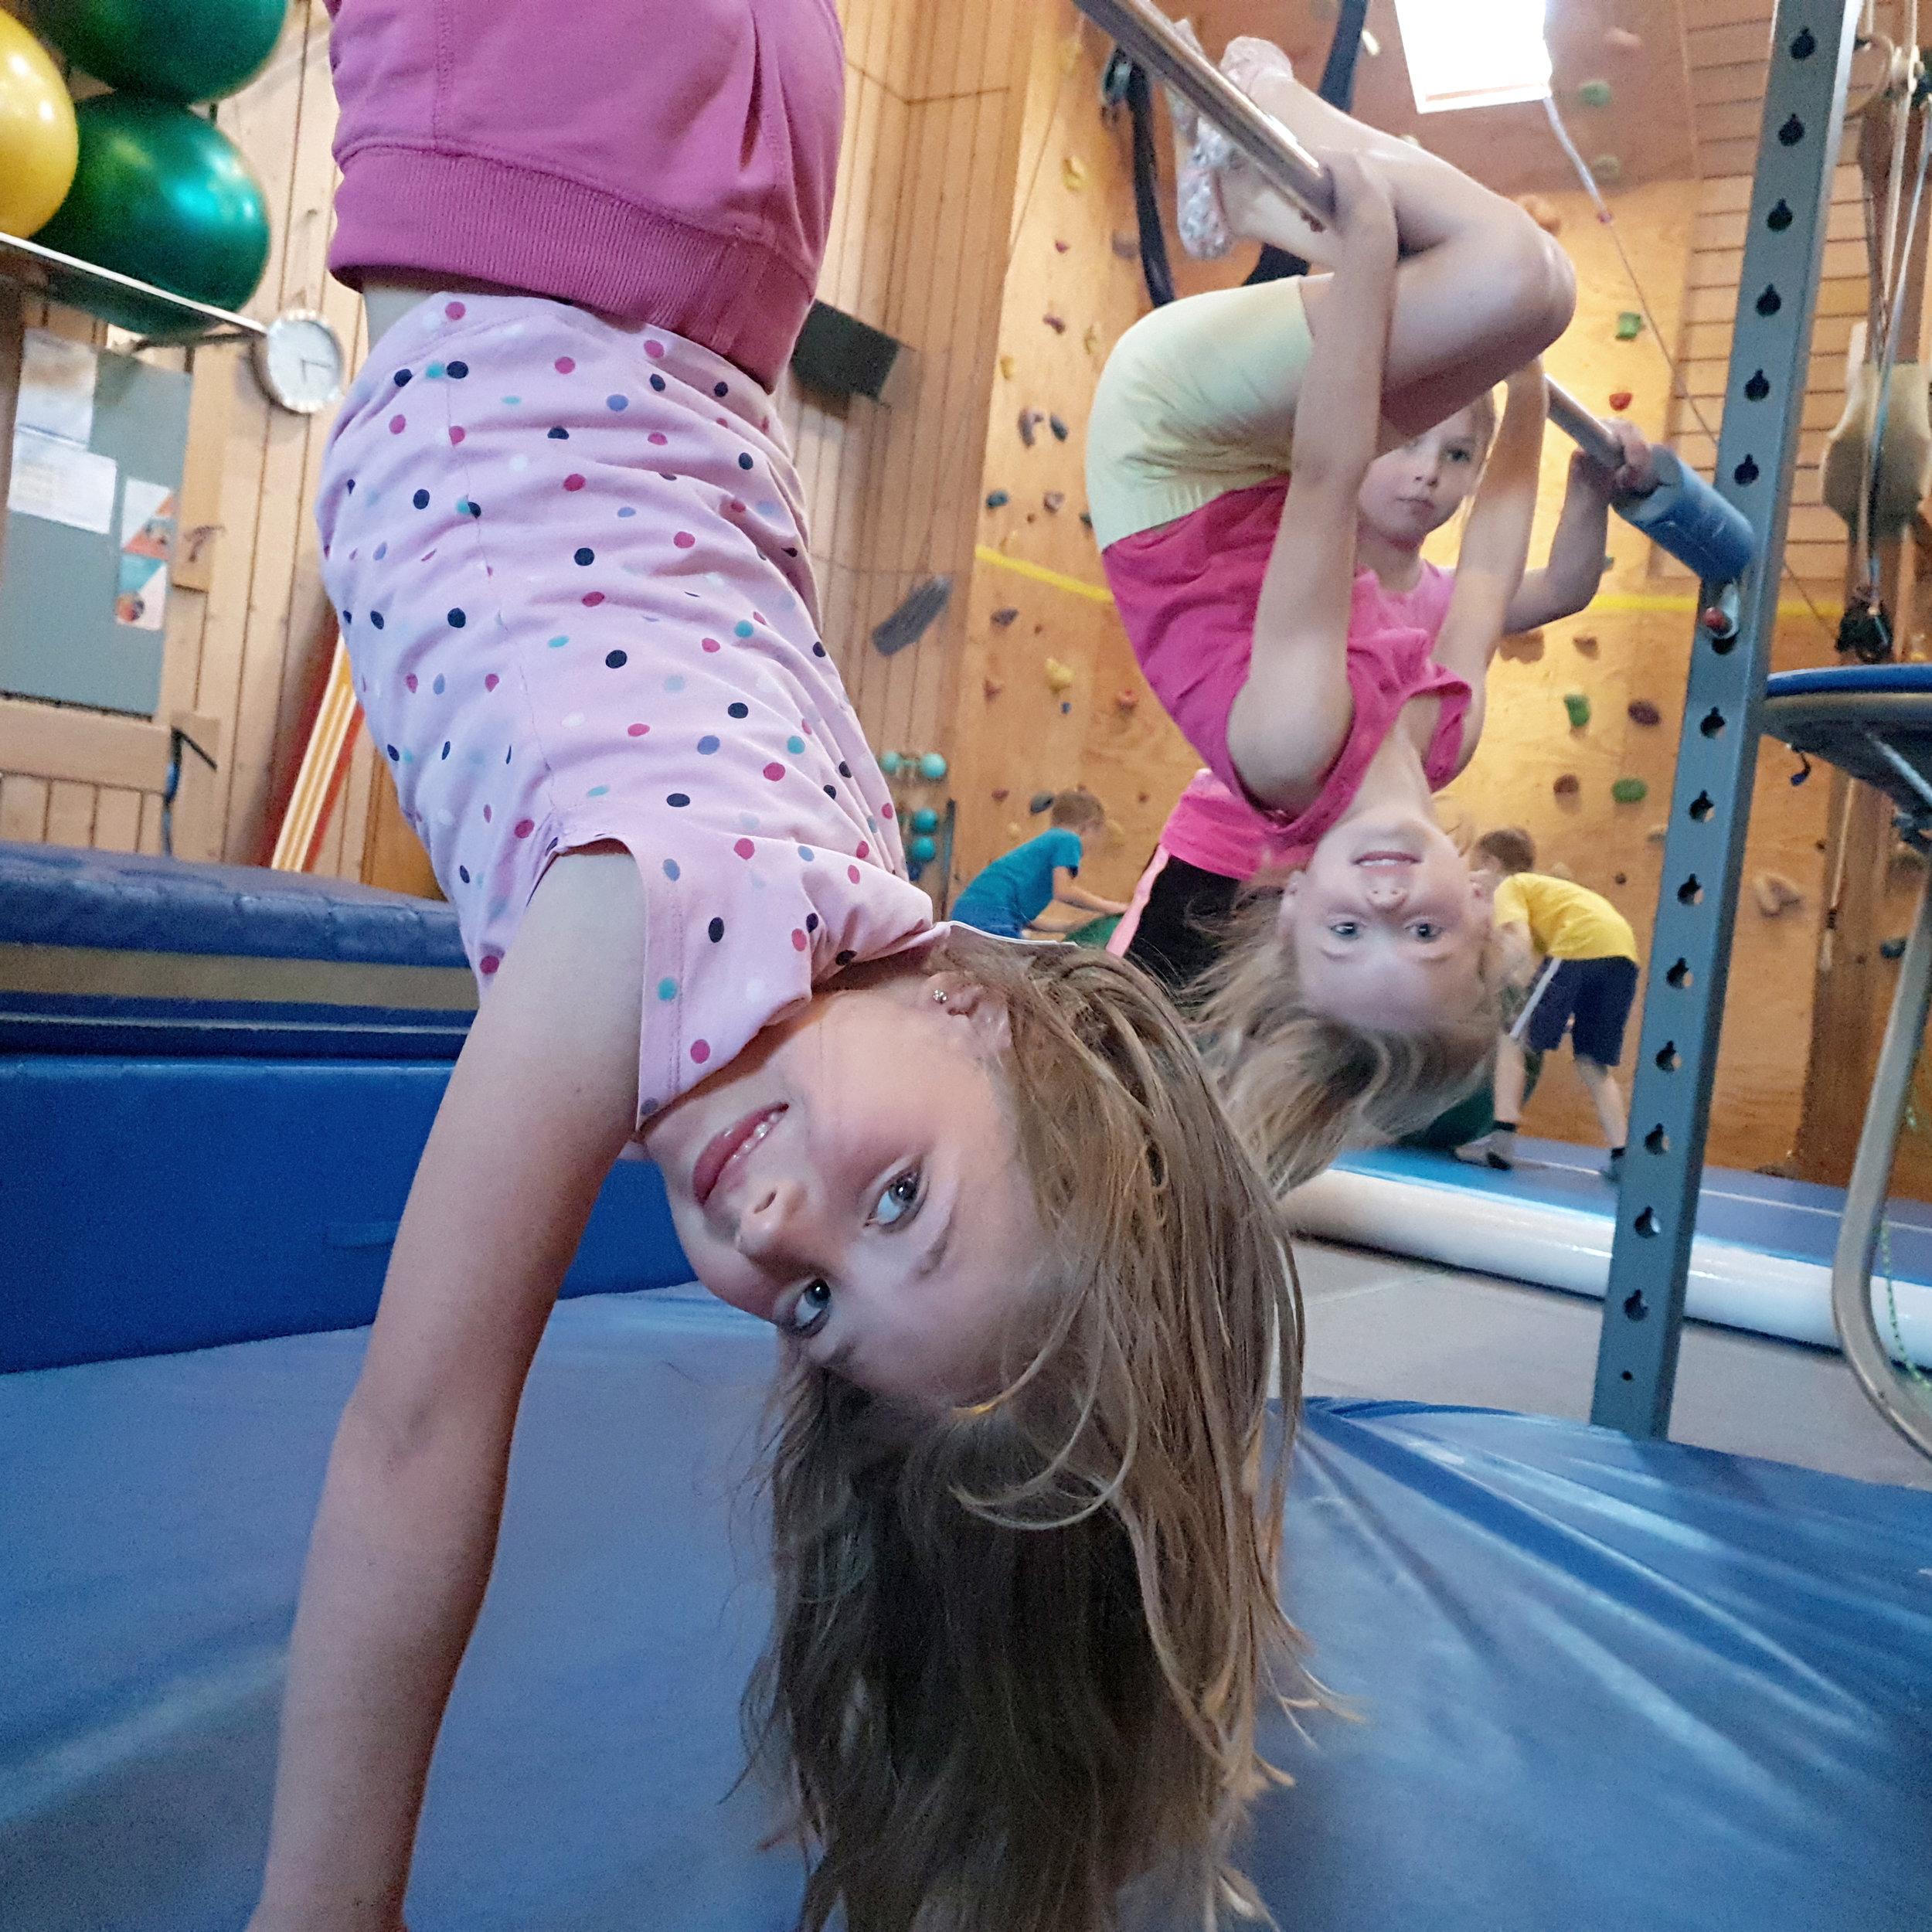 J&S Kindersport Turnen - Du bist zwischen 4 und 10 Jahre alt und möchtest dich ein bis zwei mal wöchentlich an unterschiedlichsten Geräten austoben? Dann bist du bei uns genau richtig!